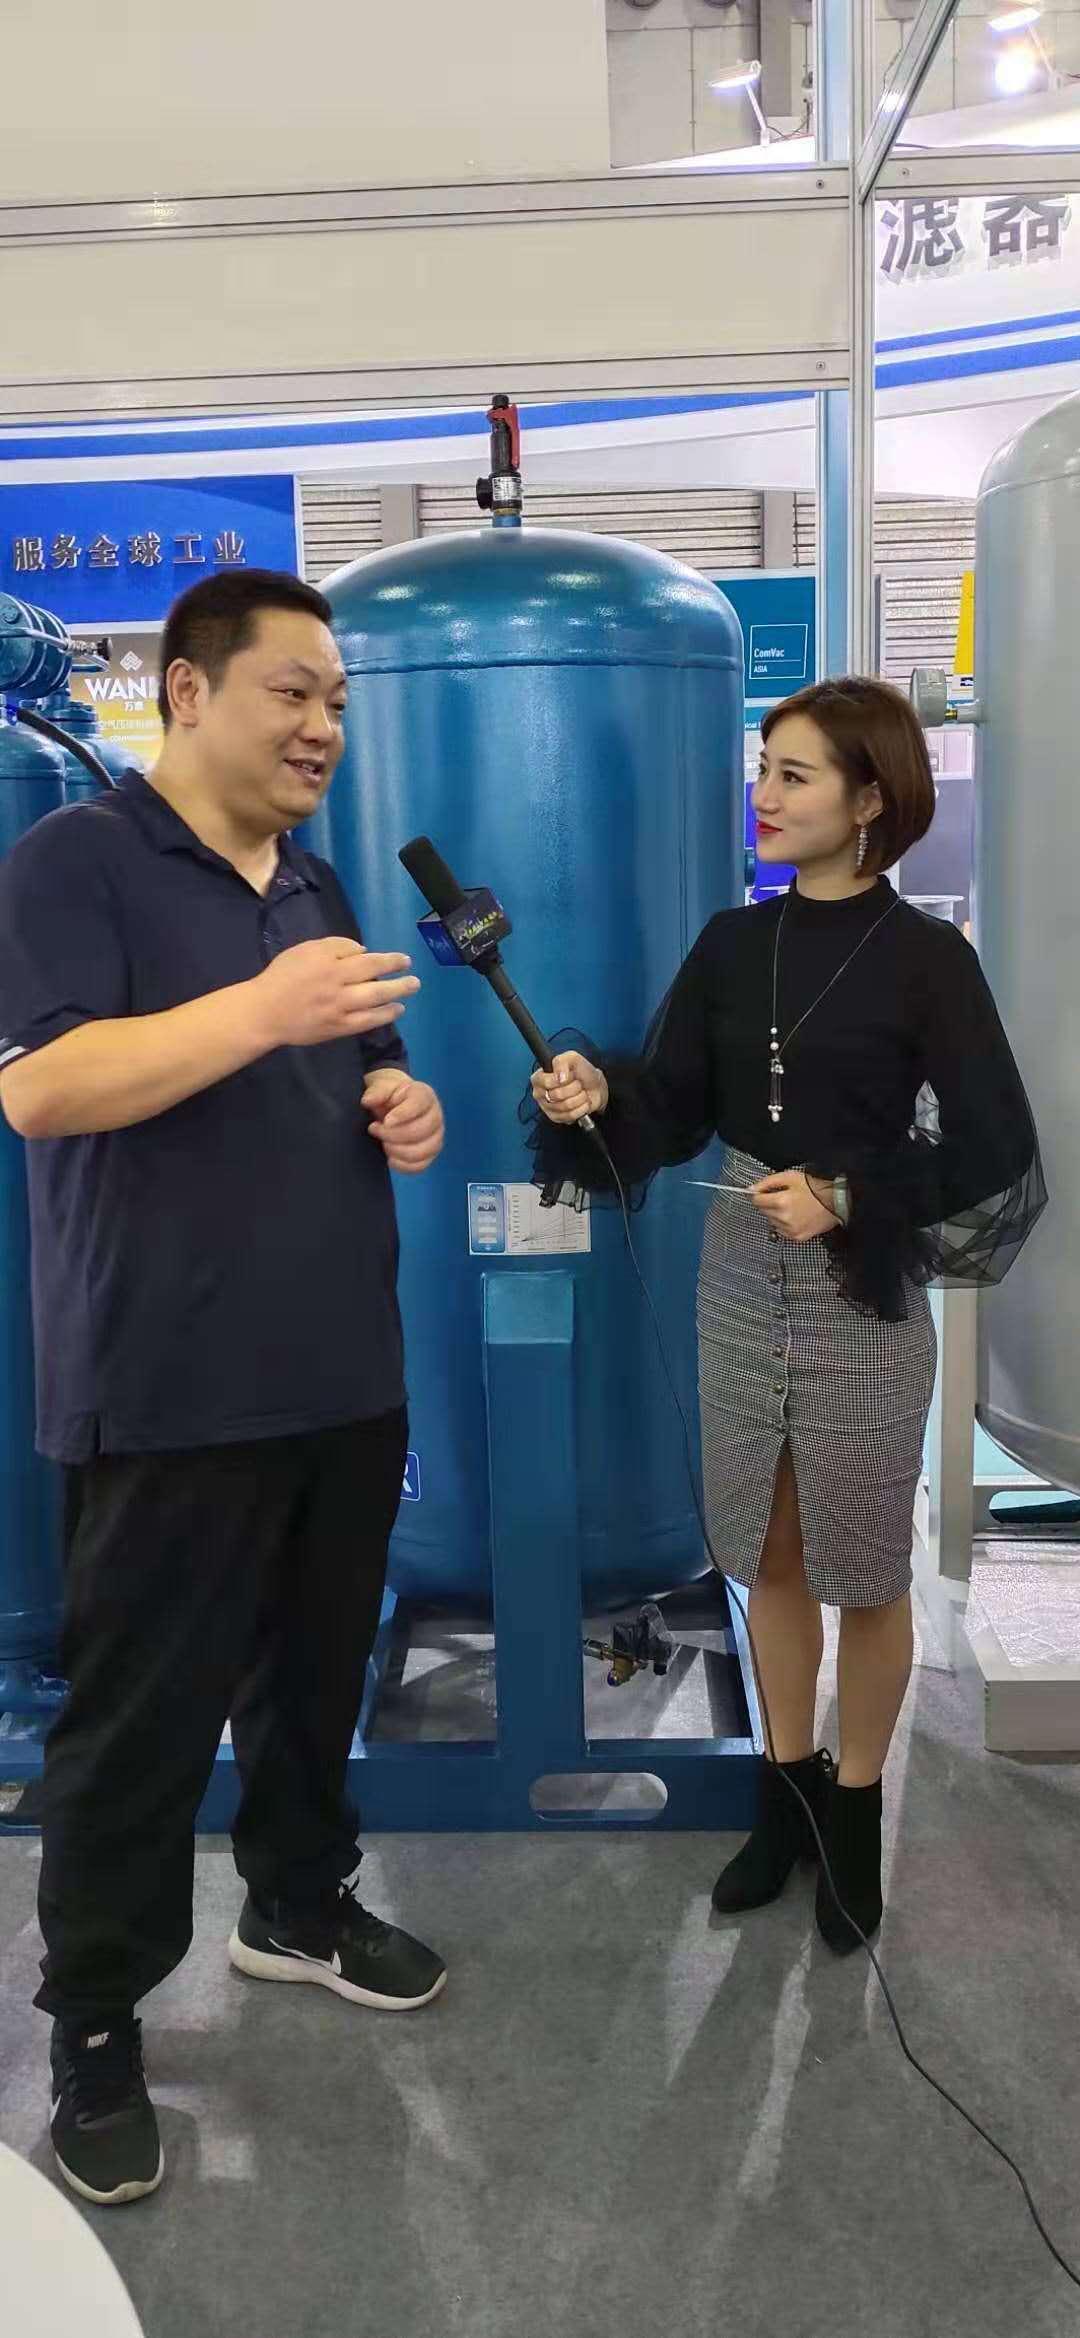 上海国际空缩机及设备展展会盛况